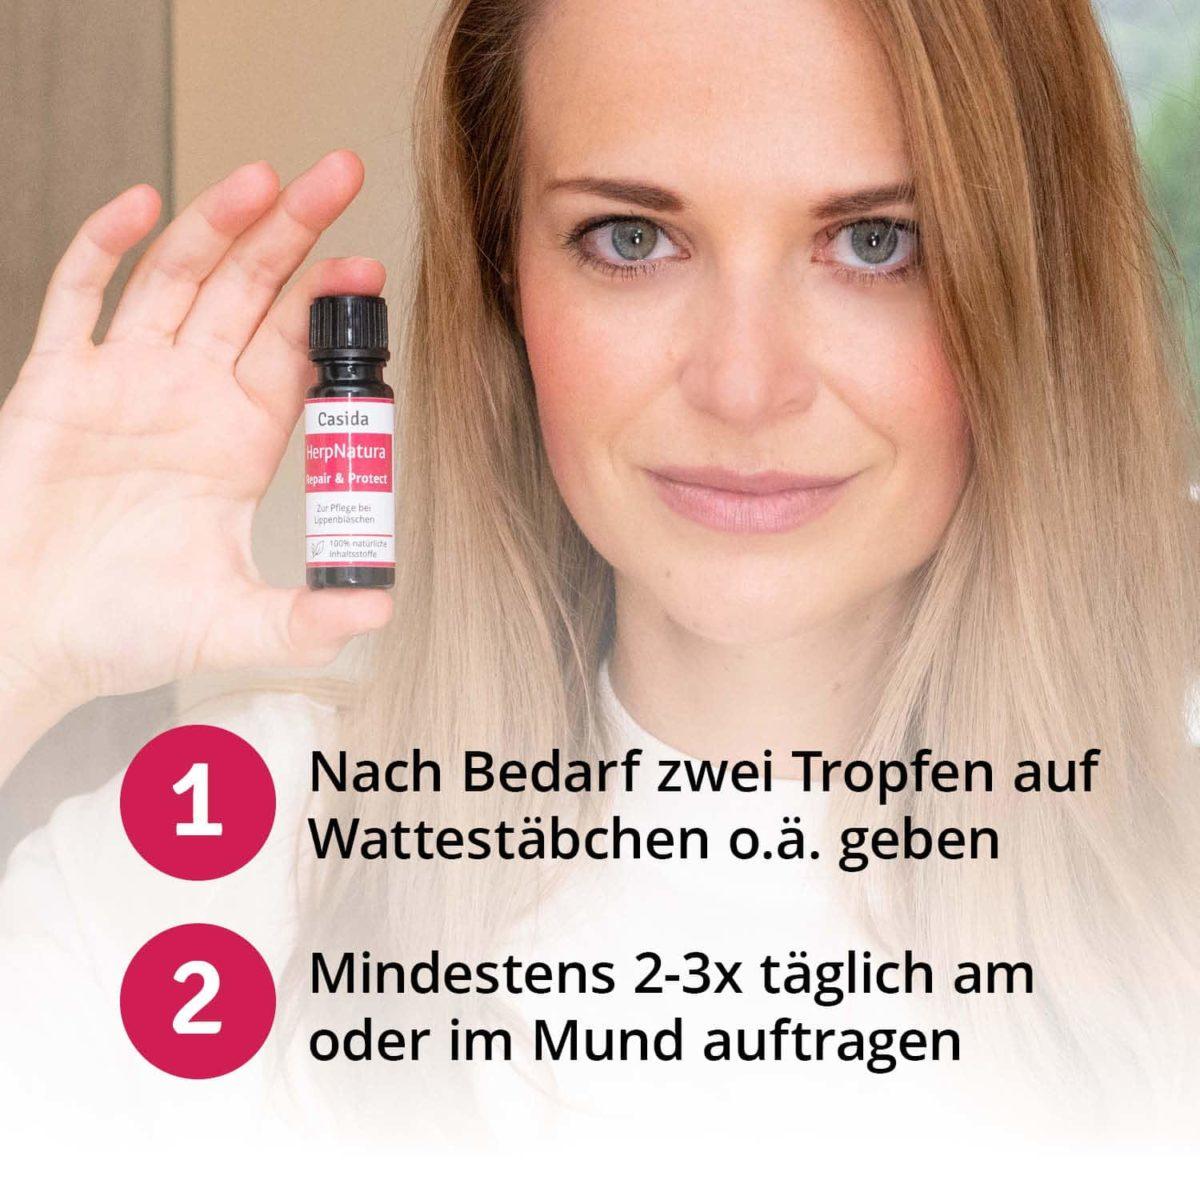 Casida HerpNatura Repair & Protect – 10 ml 10086698 PZN Apotheke Herpes Mundbläschen Lippenbläschen6